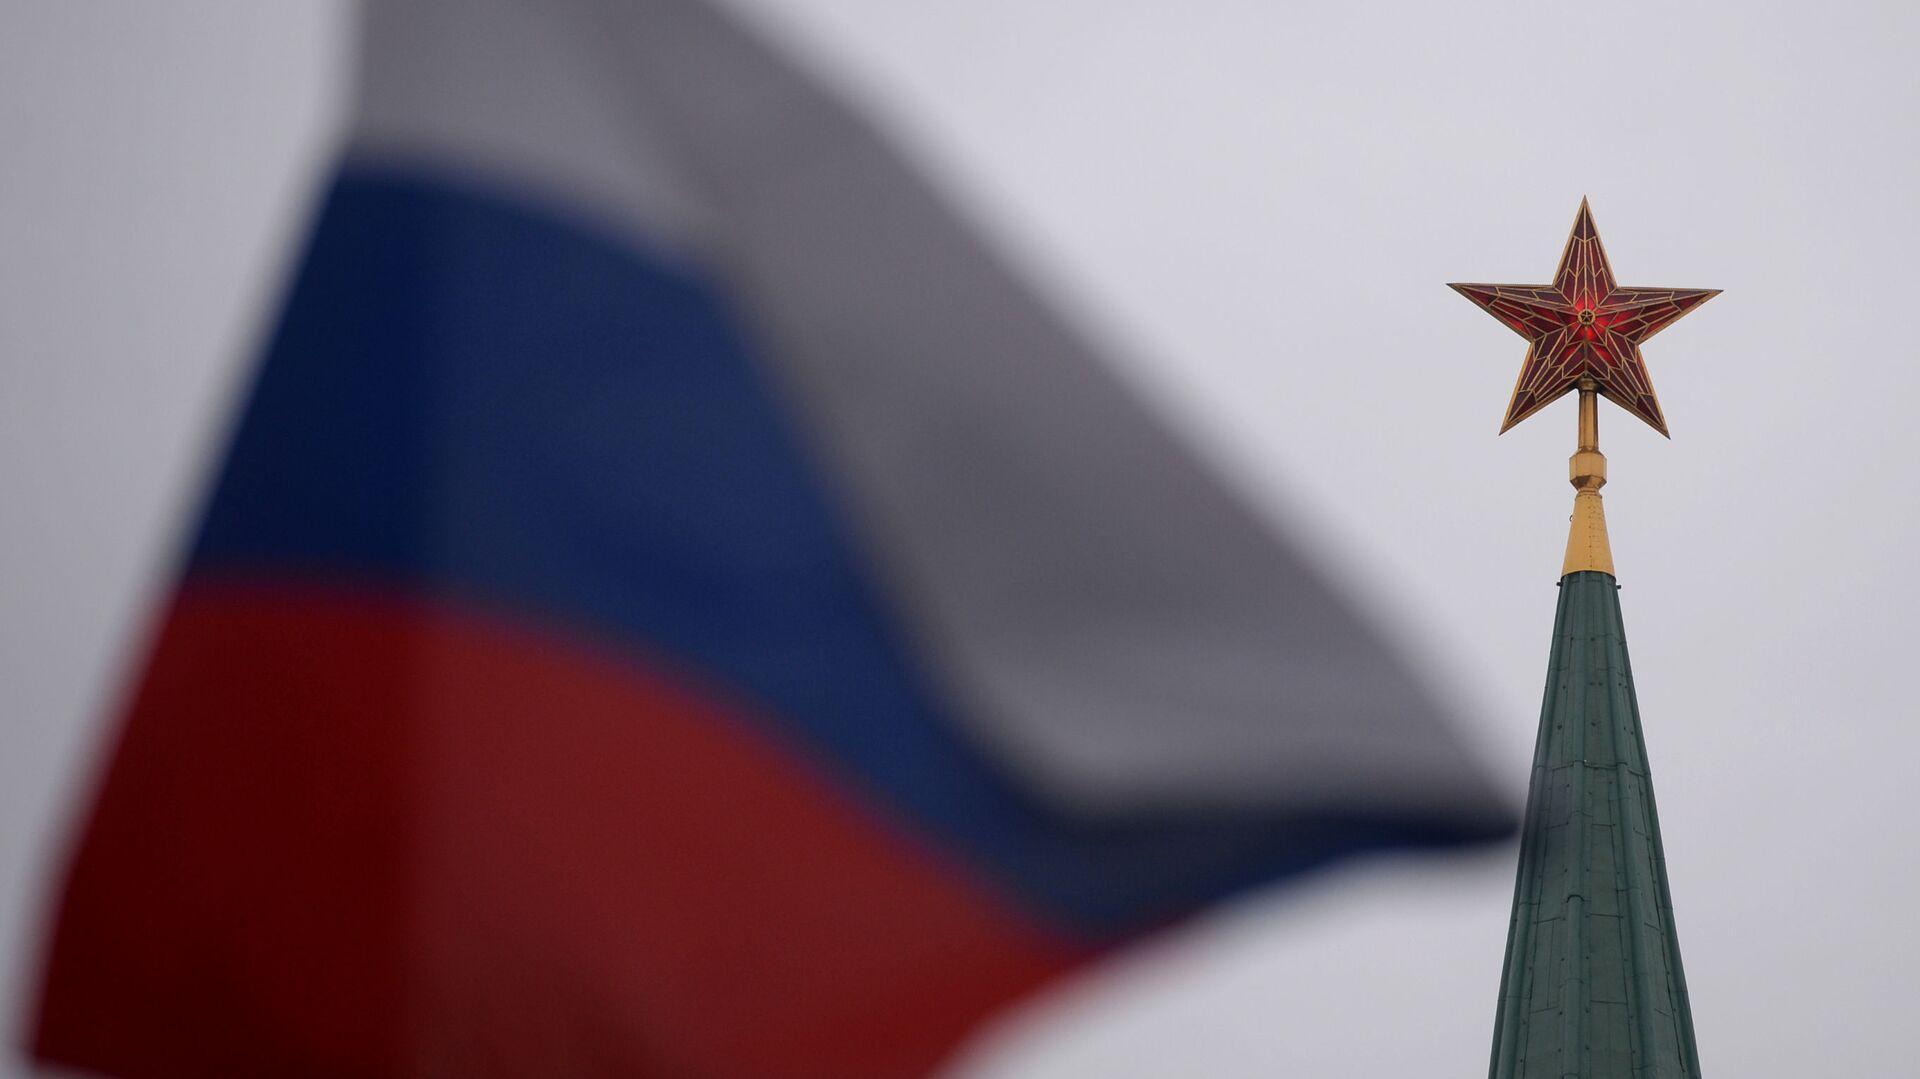 Ruská vlajka a Kreml - Sputnik Česká republika, 1920, 08.05.2021